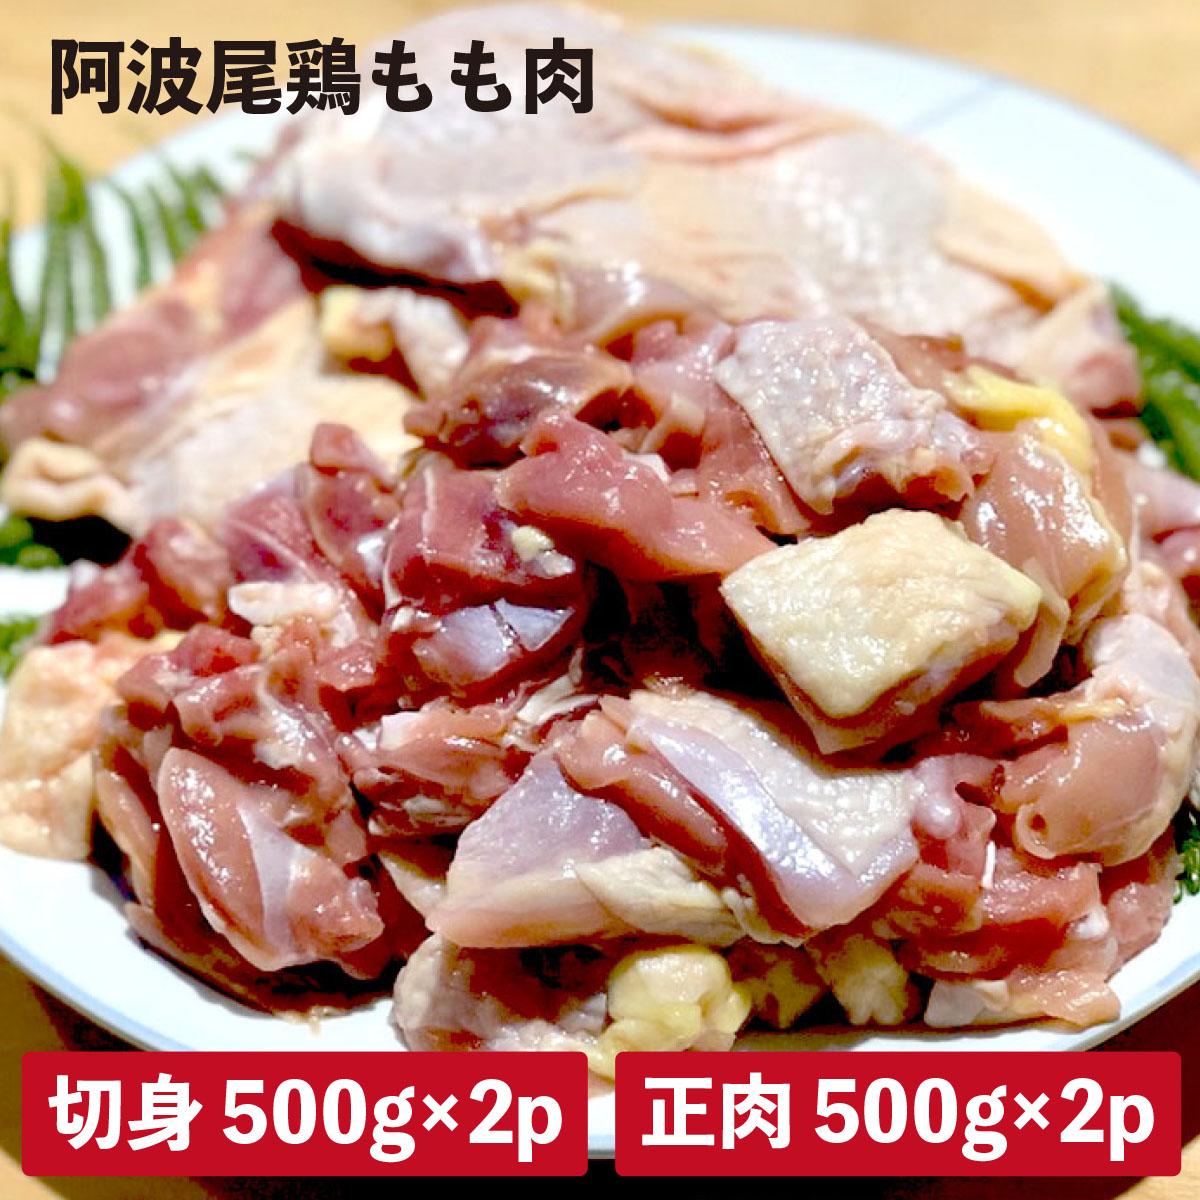 【ふるさと納税】MMT44【阿波尾鶏のお肉定期便 6か月連続】阿波尾鶏もも肉2kg 6回お届け